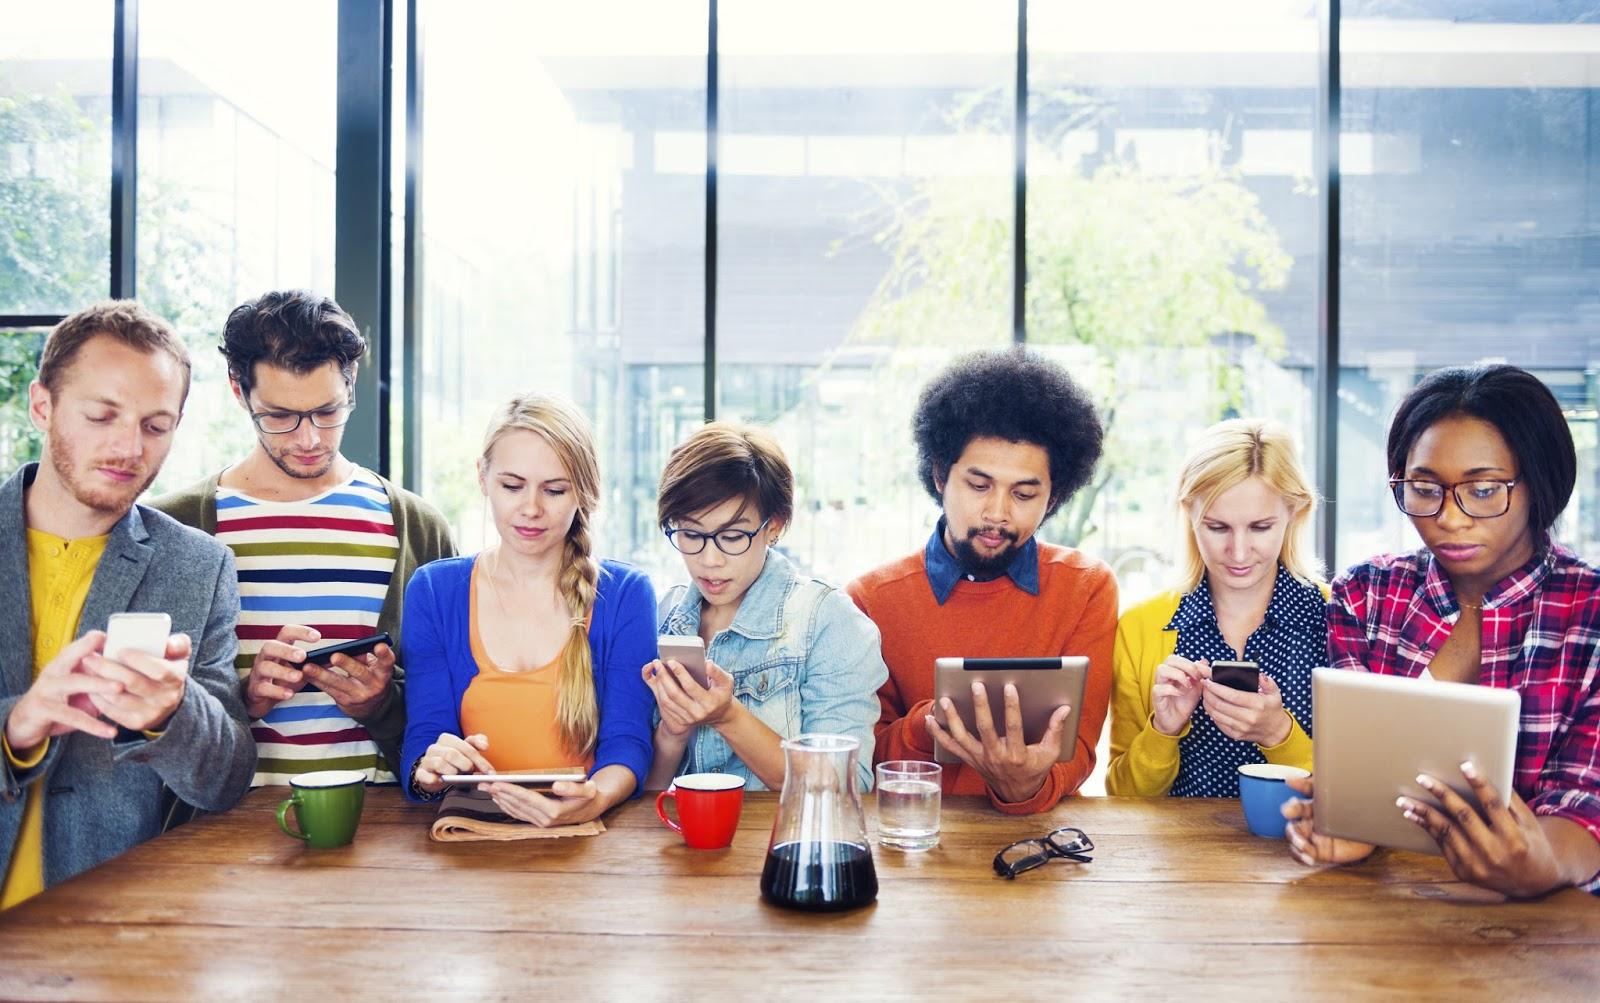 Generación millennial valora más programas de salud en las empresas